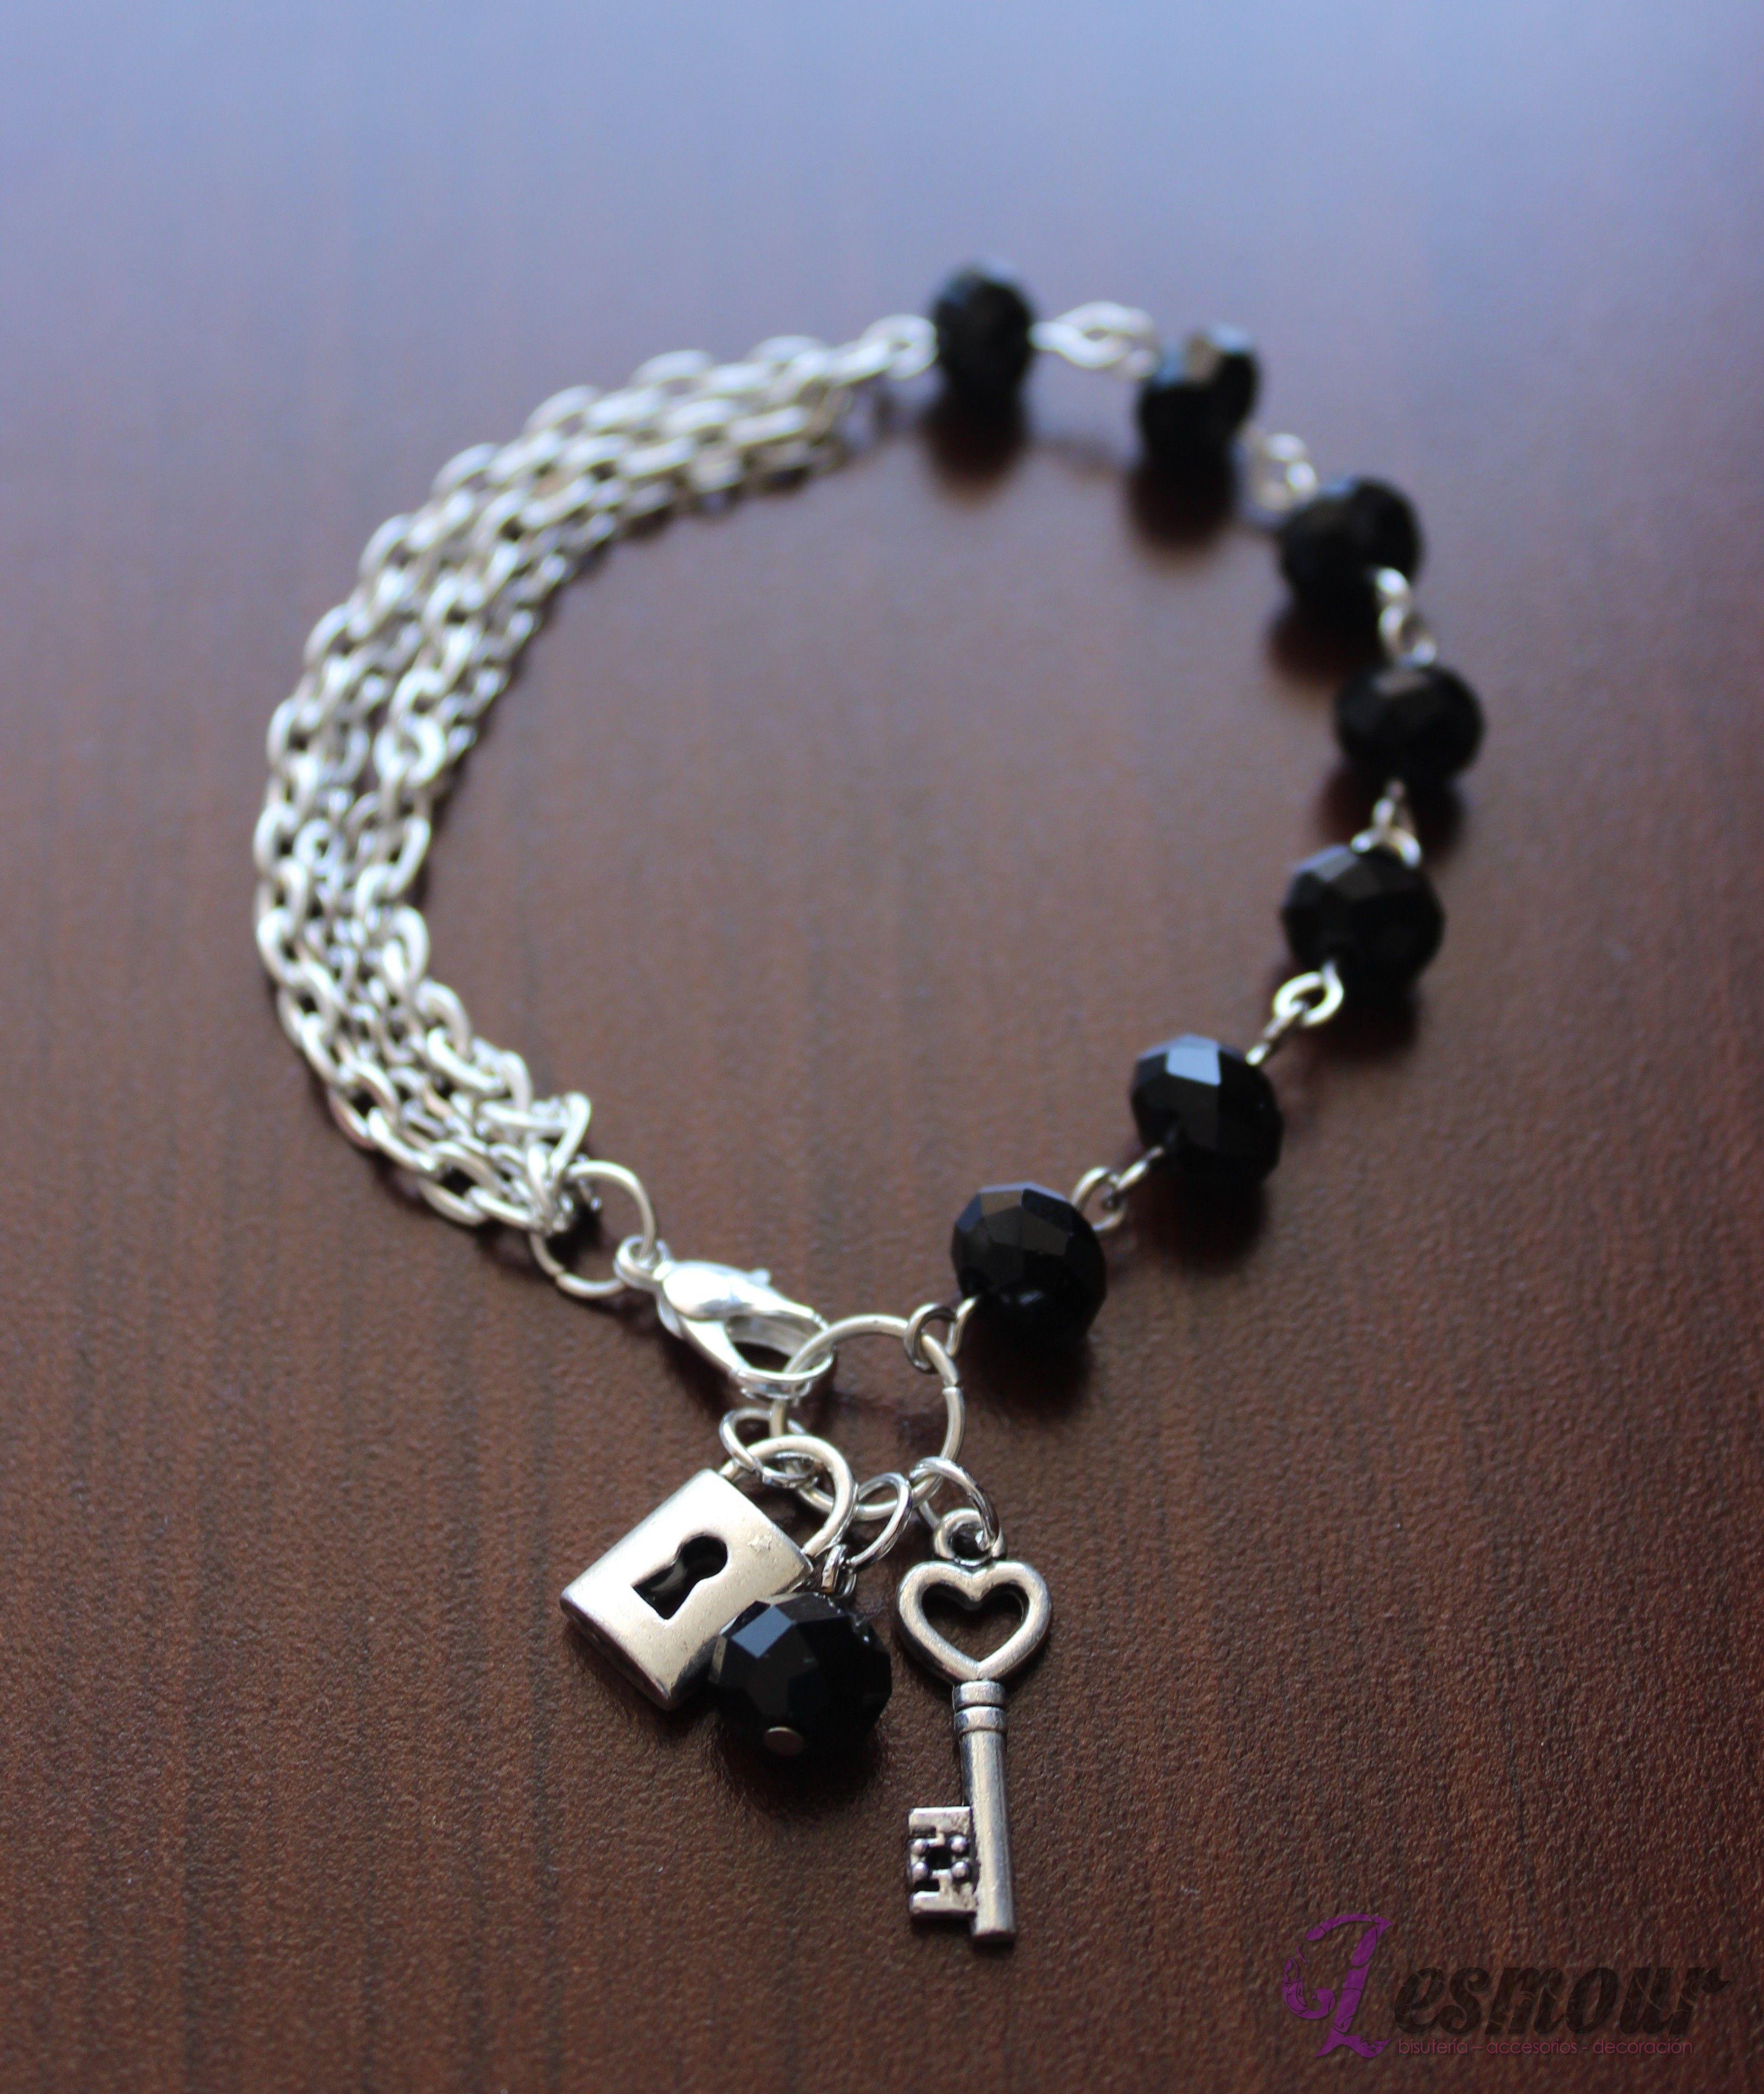 3bb621f77779 pulseras de bisuteria ... Pulsera cristal chino negro .